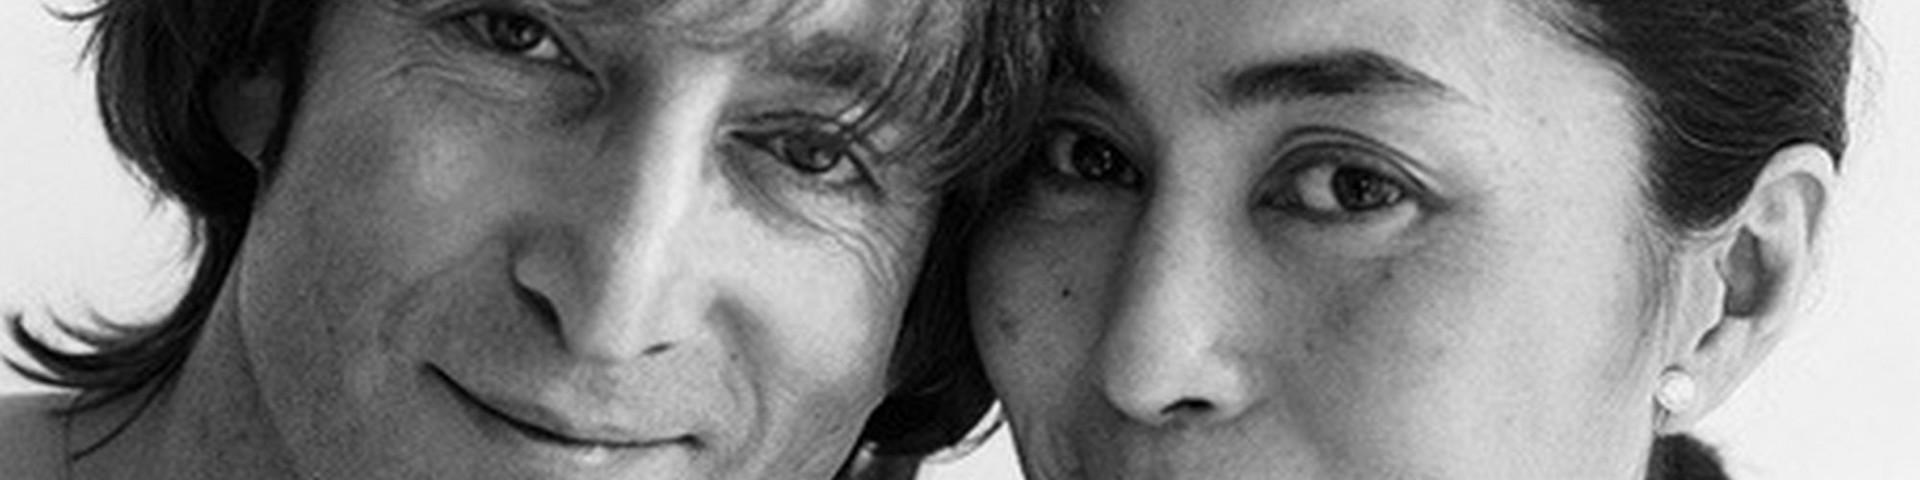 Dopo 40 anni dall'omicidio di John Lennon il killer si scusa